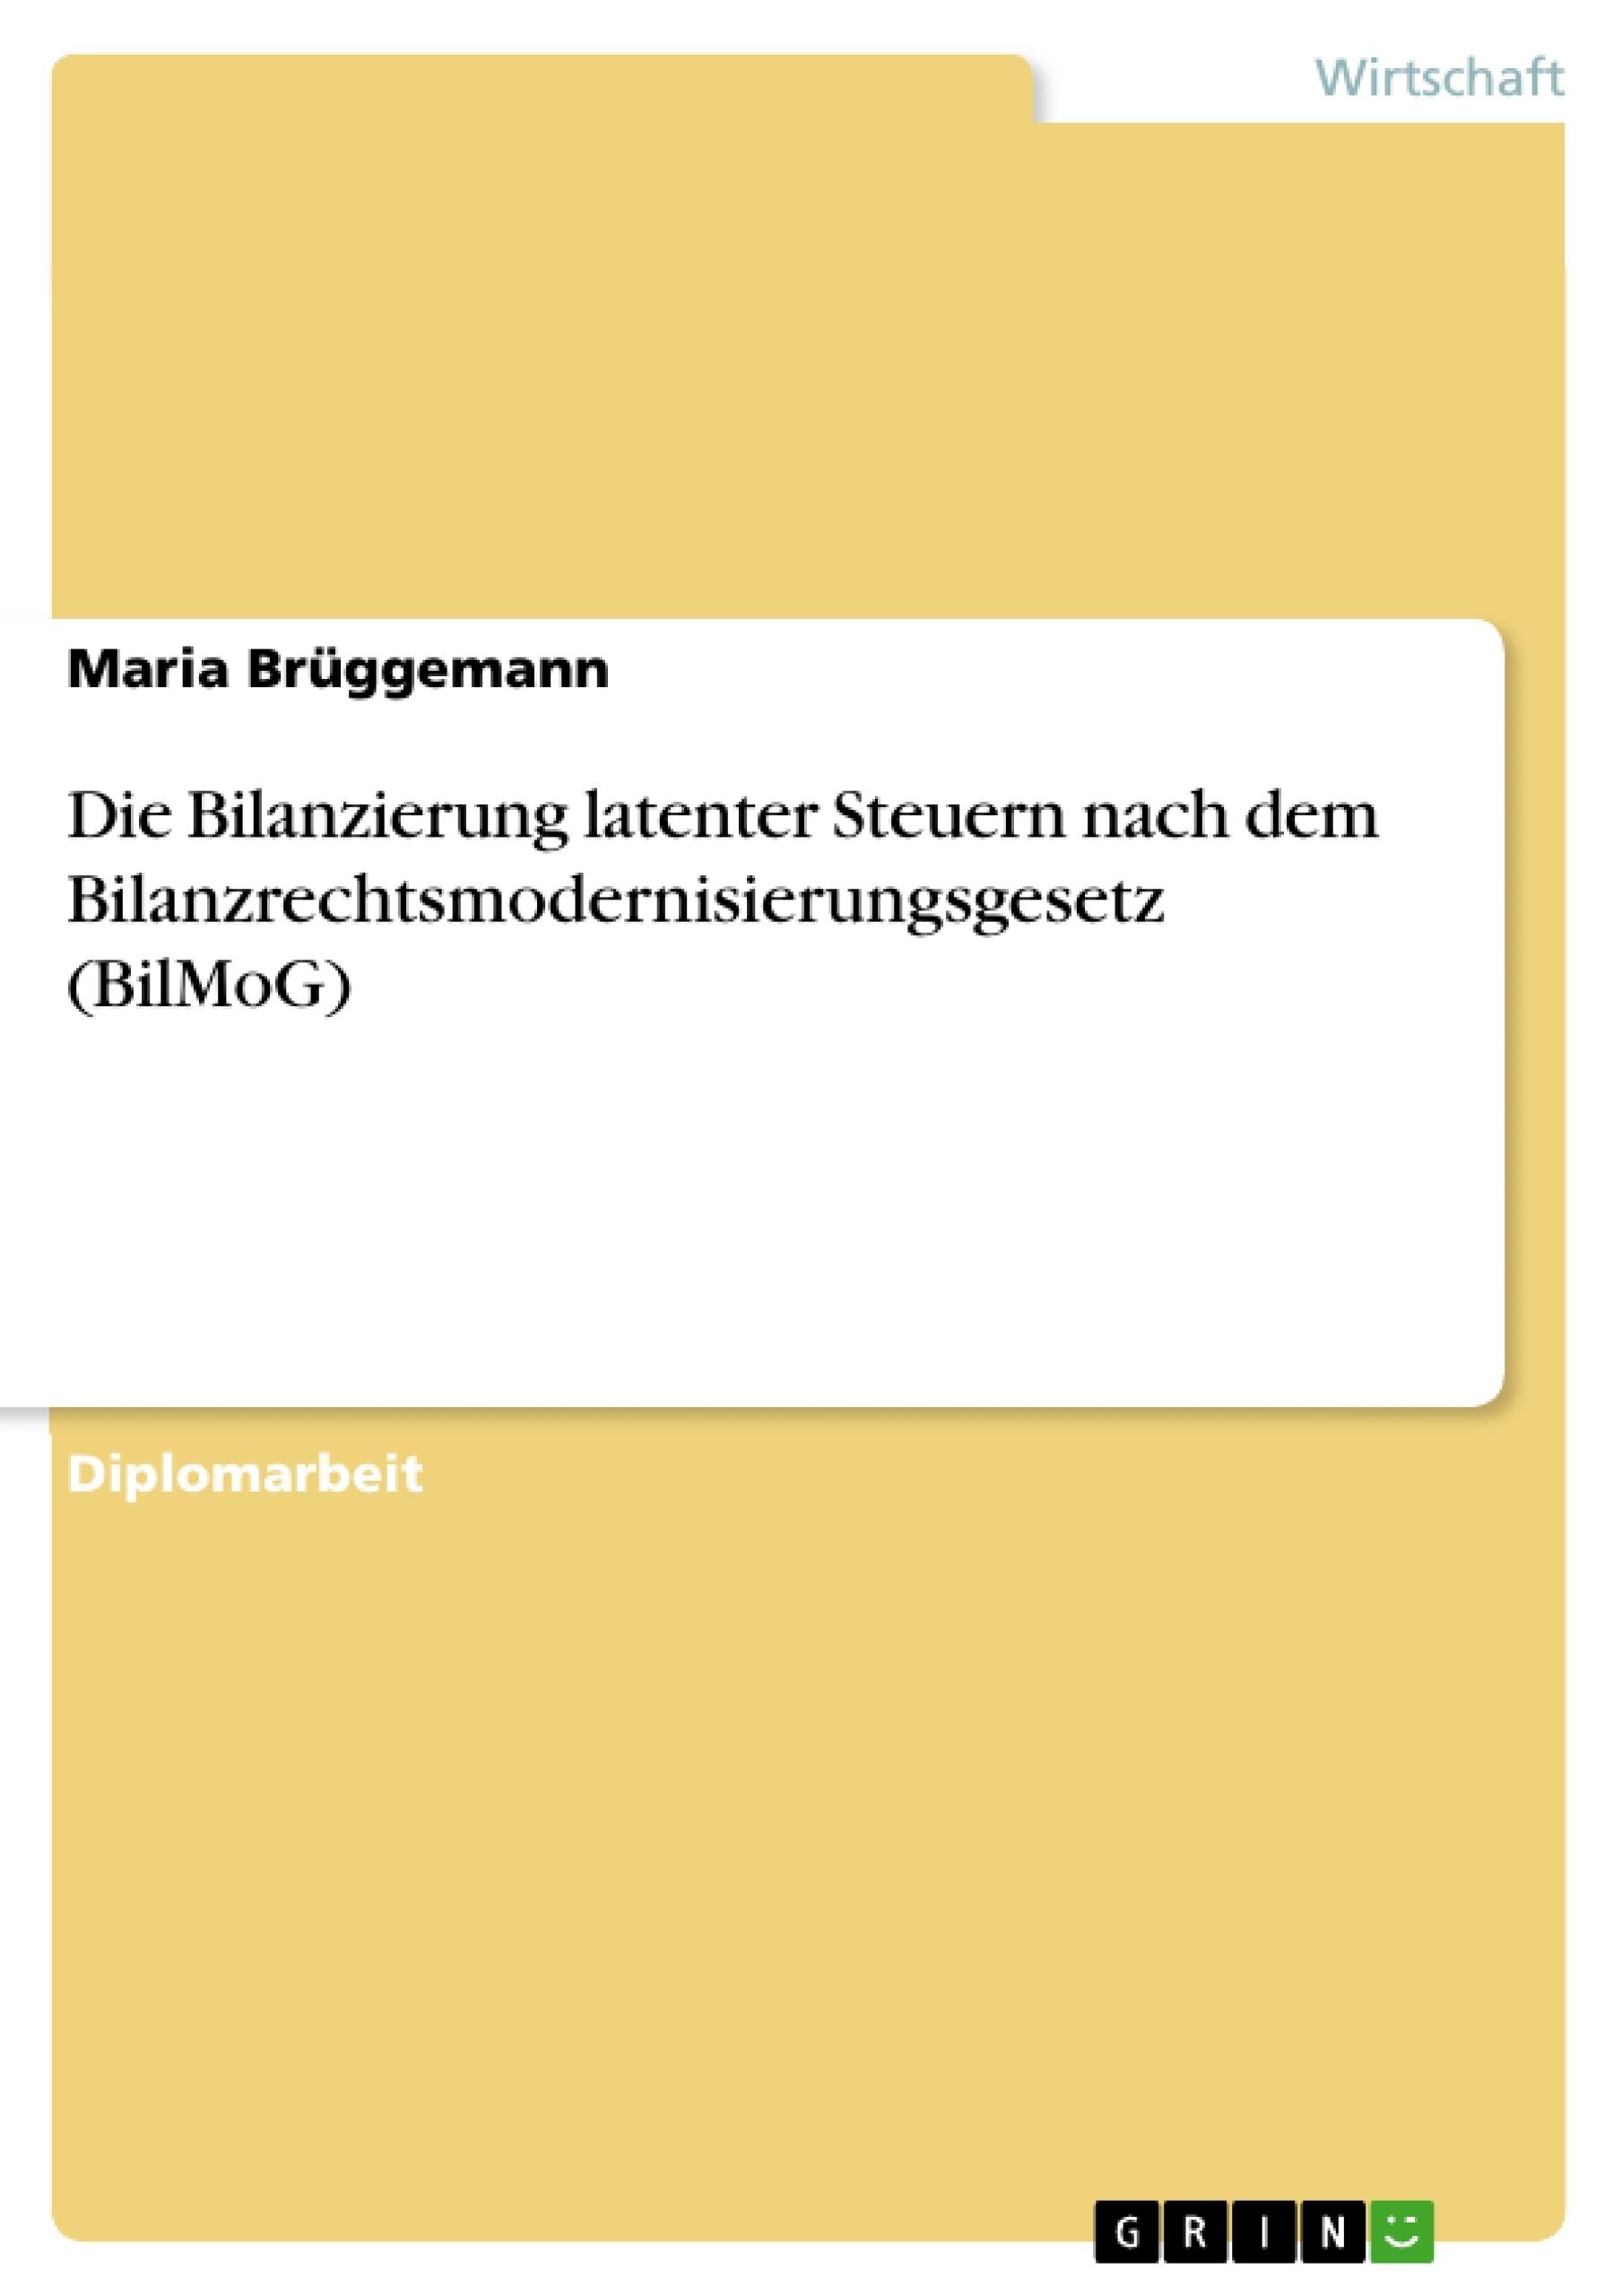 Titel: Die Bilanzierung latenter Steuern nach dem Bilanzrechtsmodernisierungsgesetz (BilMoG)